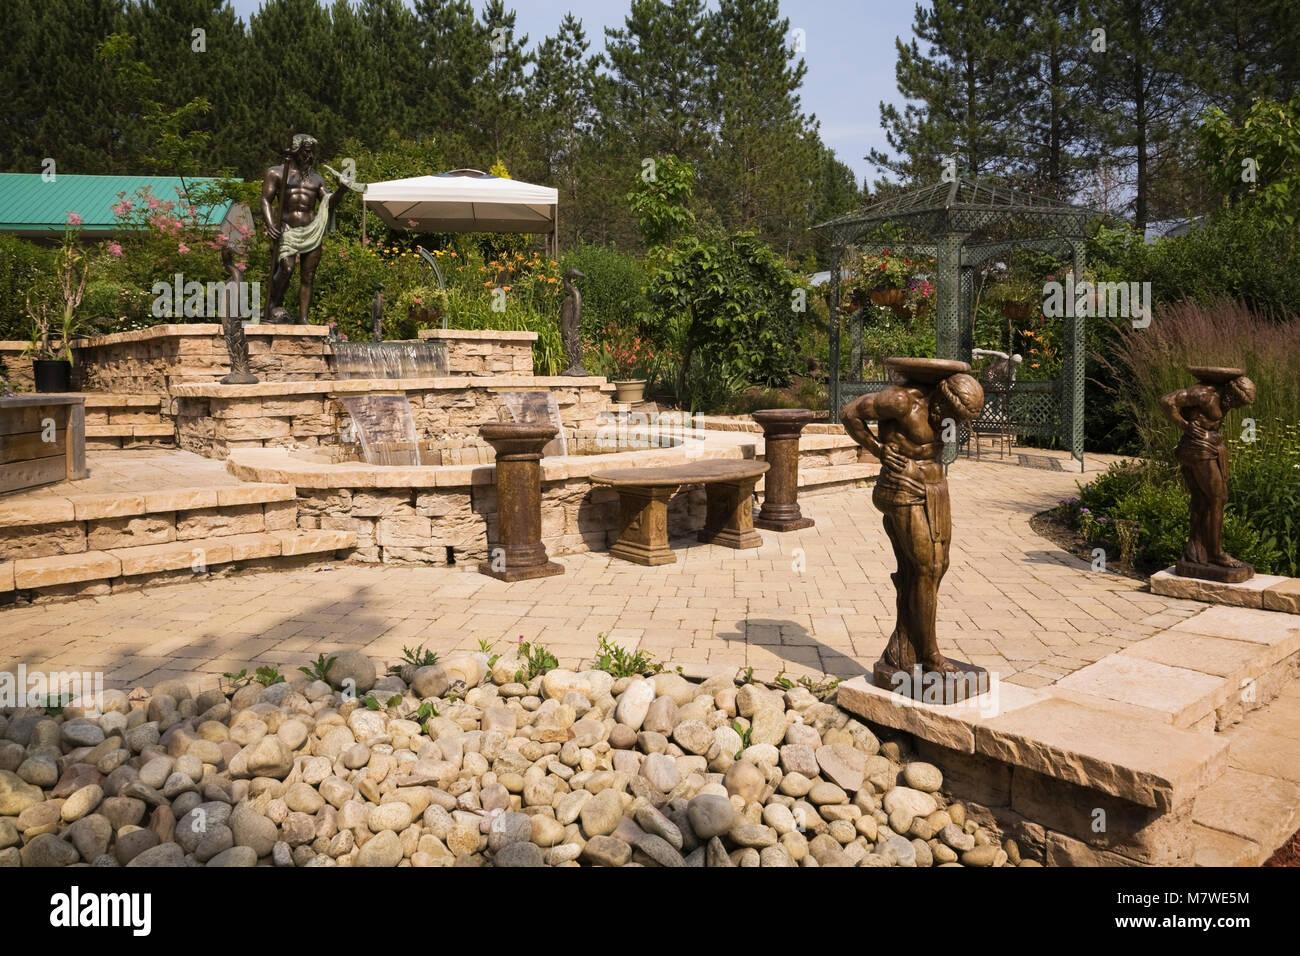 Paving Stones Garden Stock Photos & Paving Stones Garden Stock ...